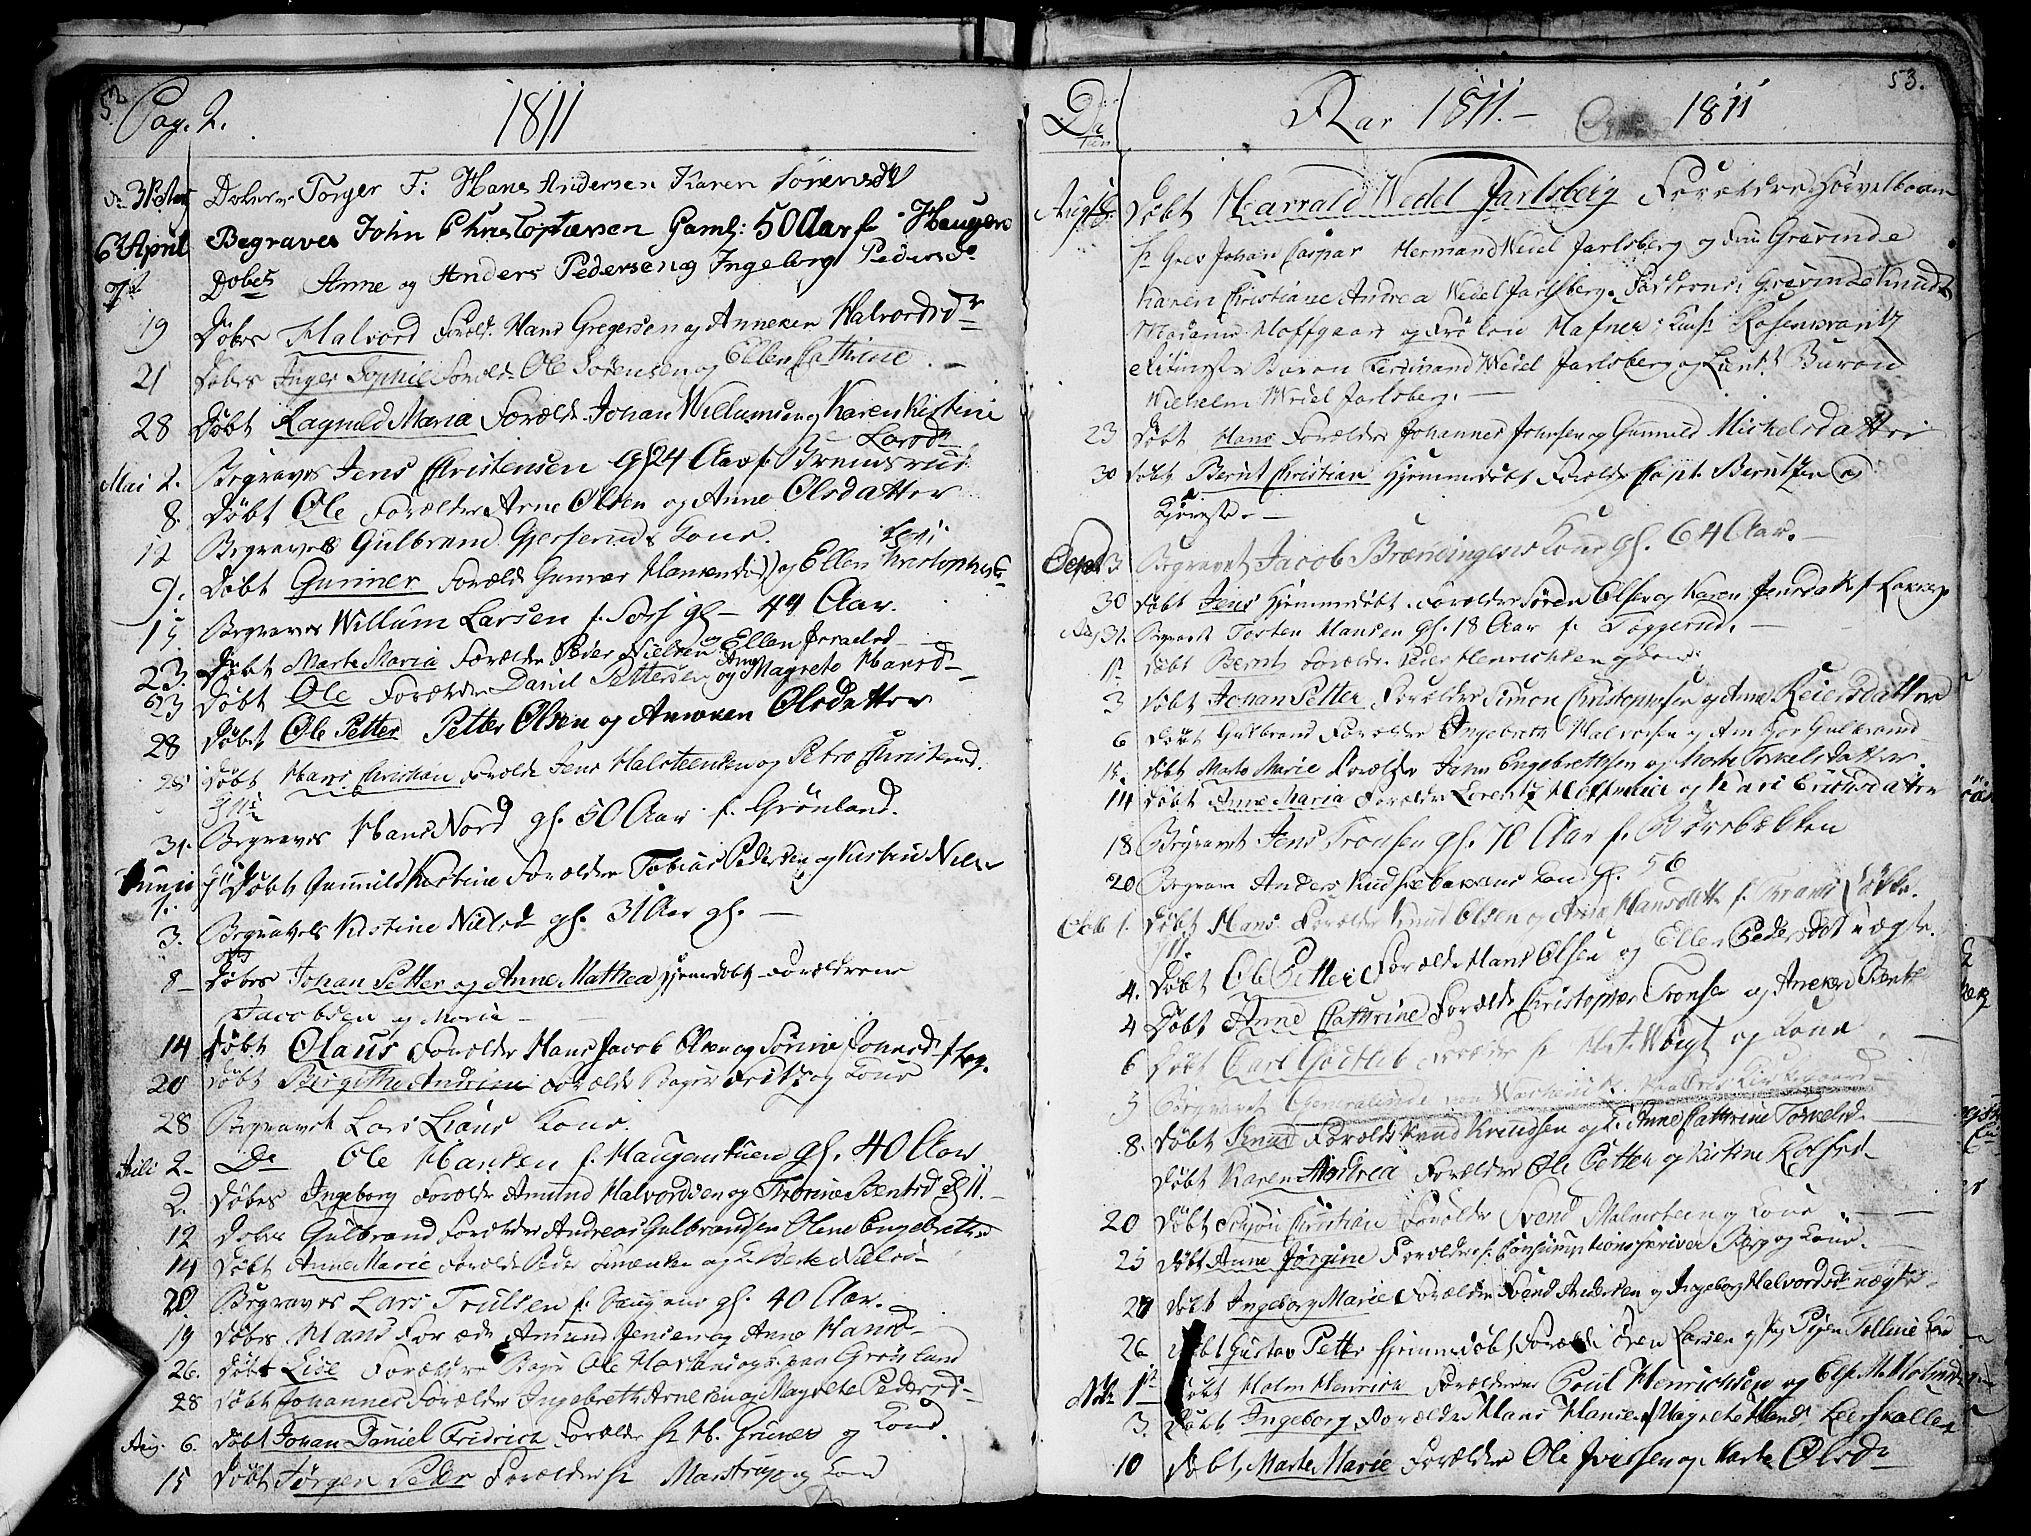 SAO, Aker prestekontor kirkebøker, G/L0001: Klokkerbok nr. 1, 1796-1826, s. 52-53